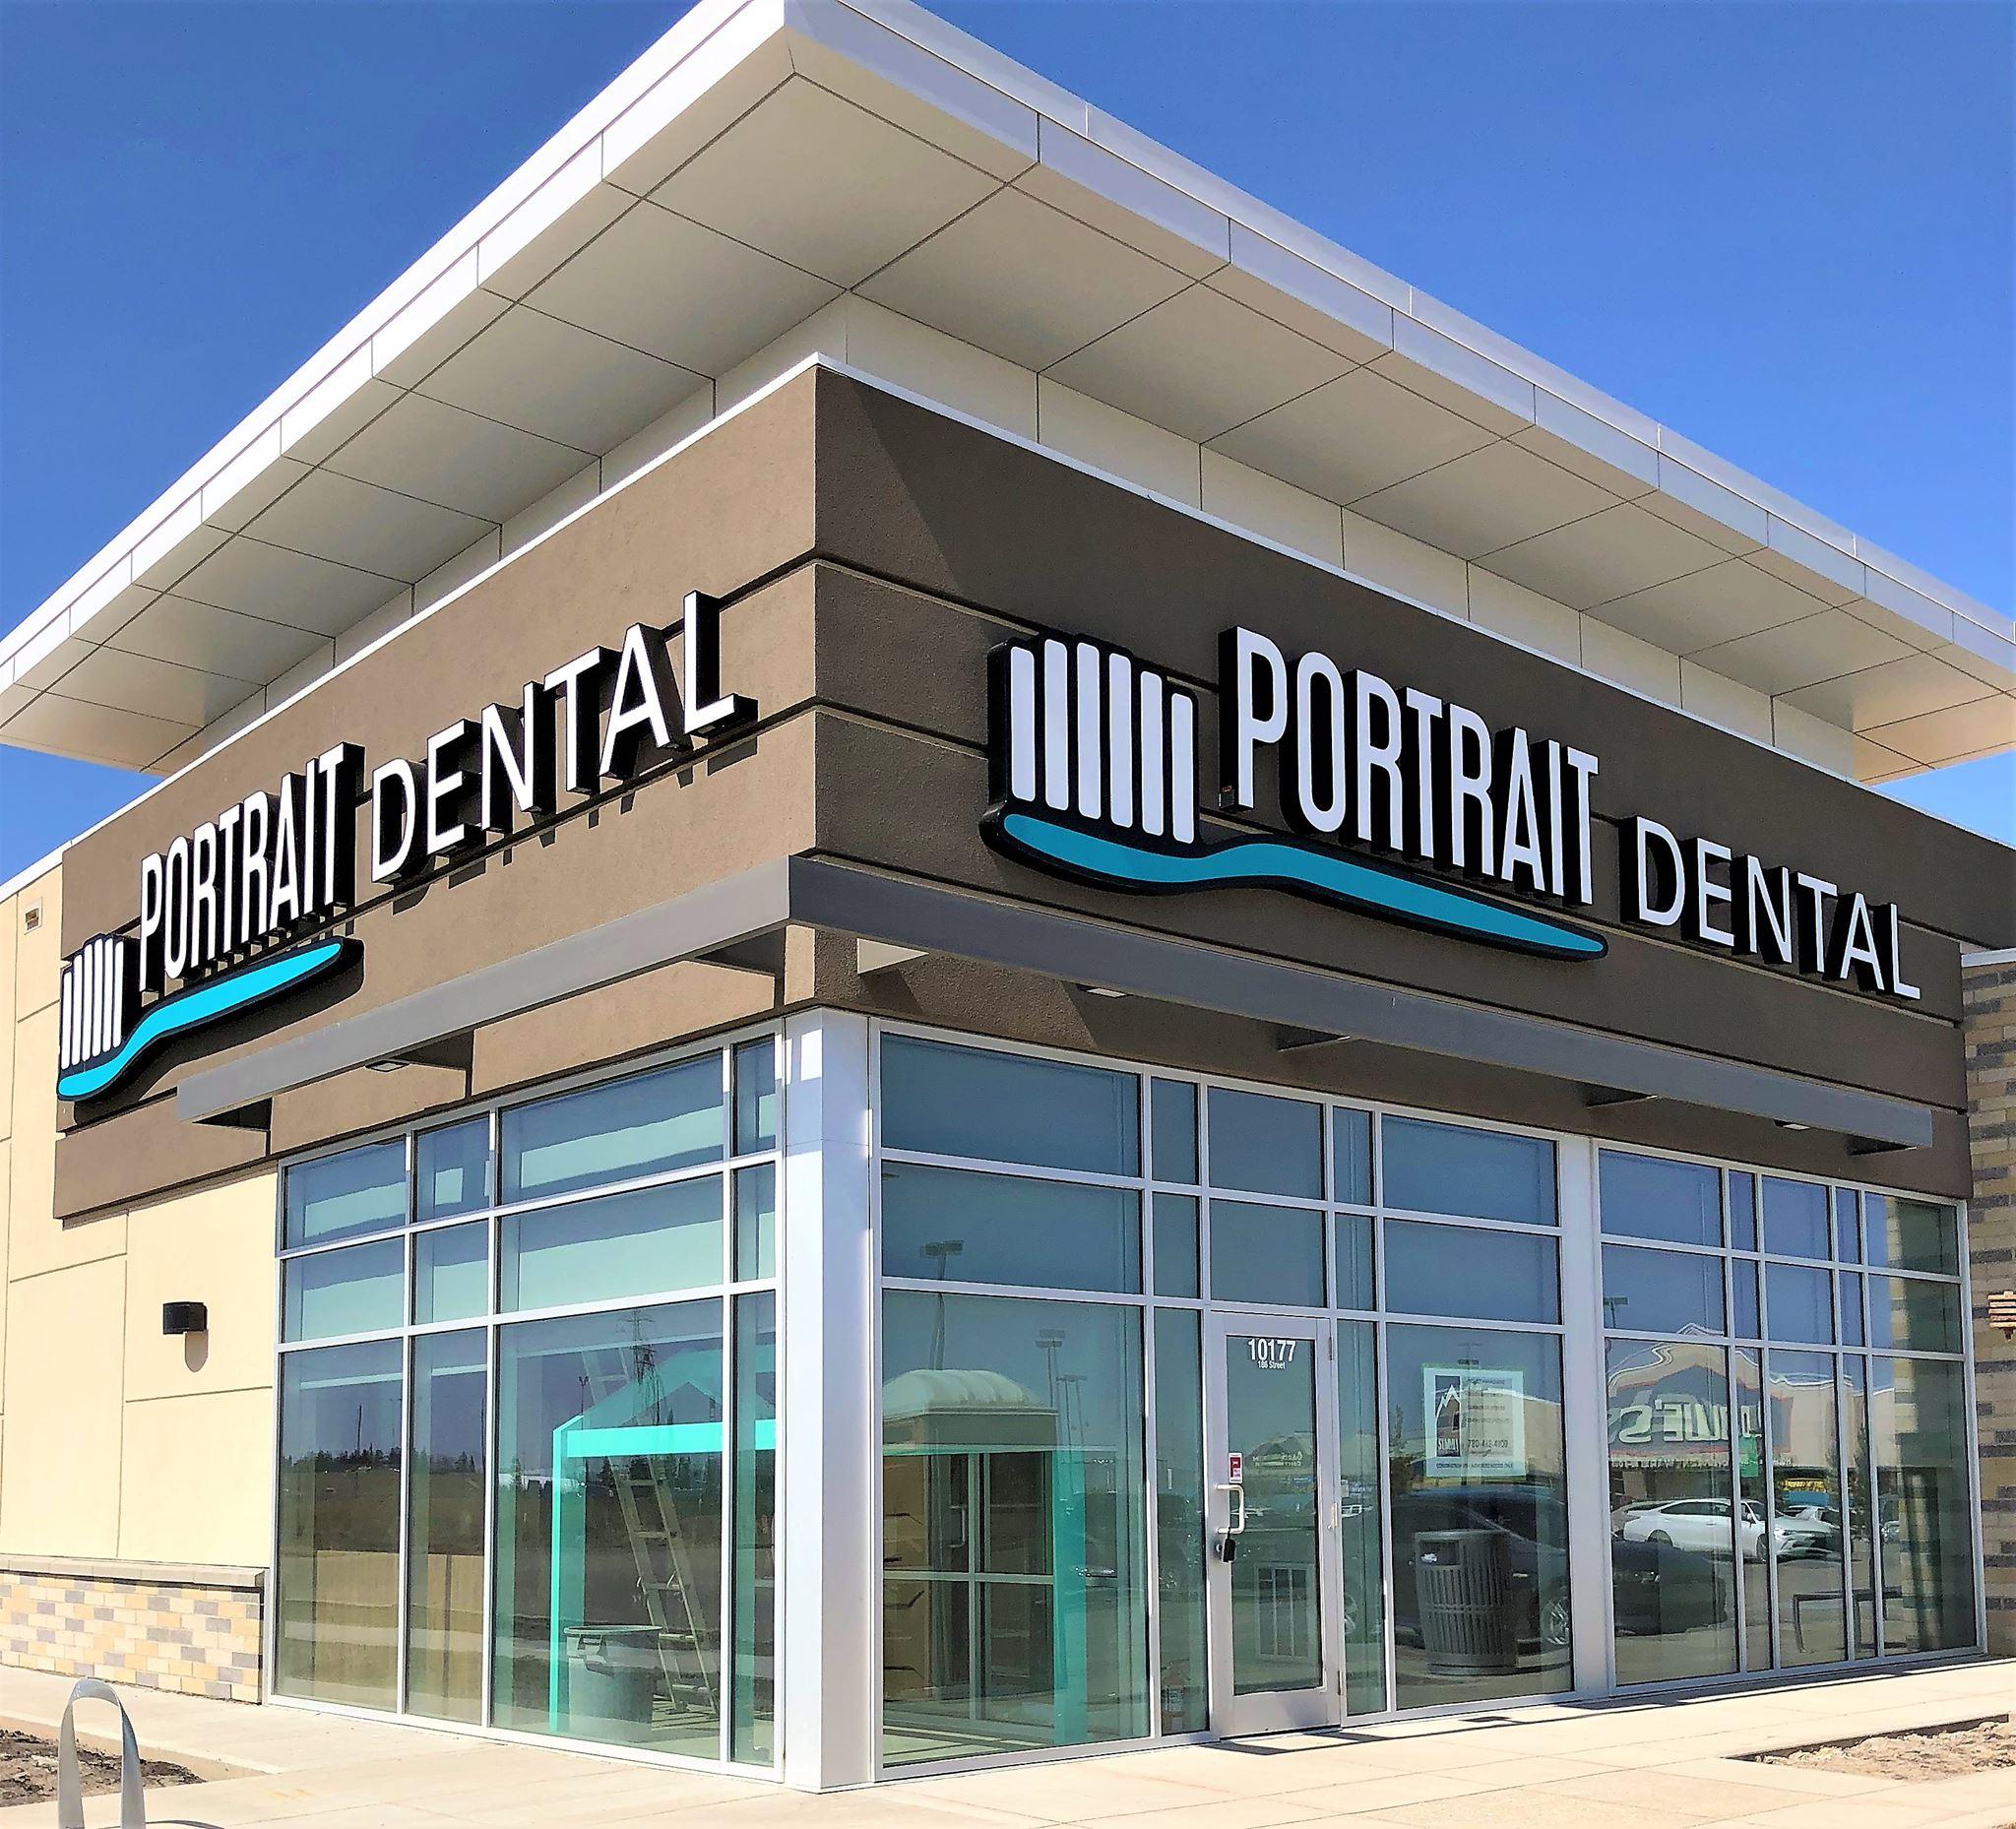 Portrait Dental Store Front